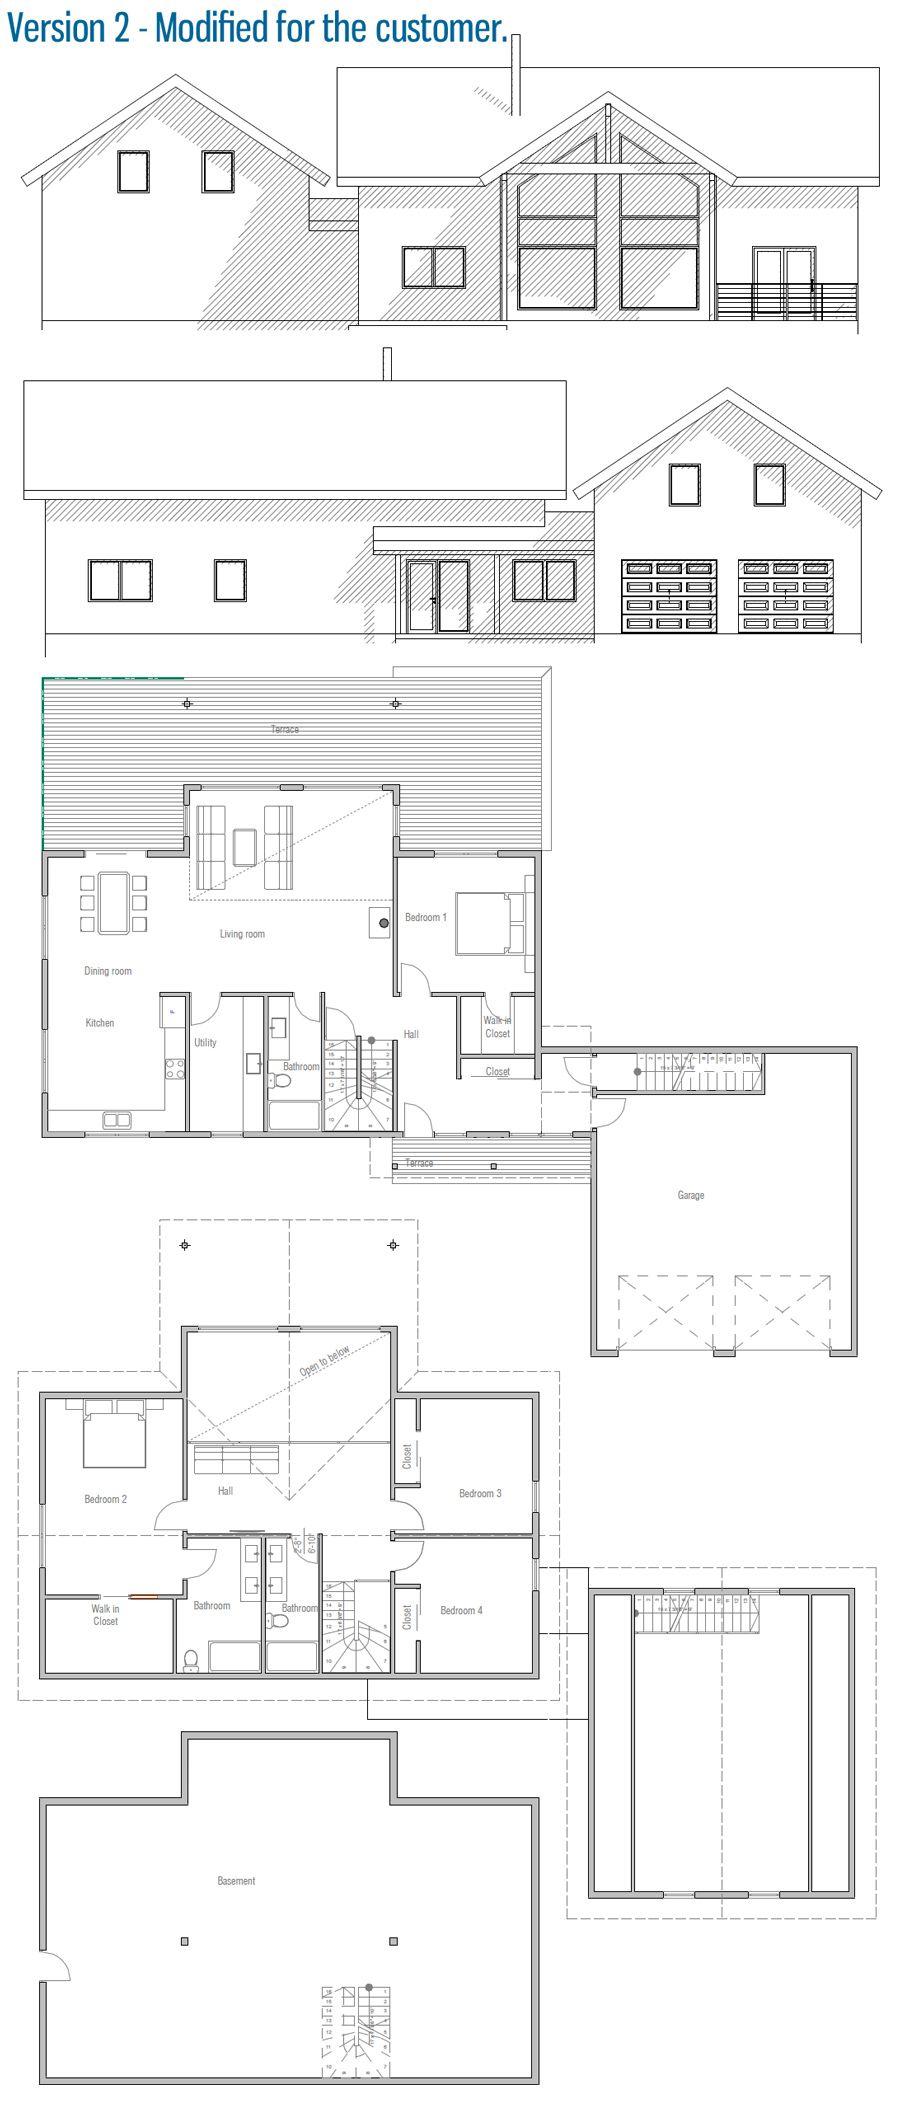 Design moderne · plans architecturaux · maison plan maison petite conception de maison plans de nouvelle maison autocad